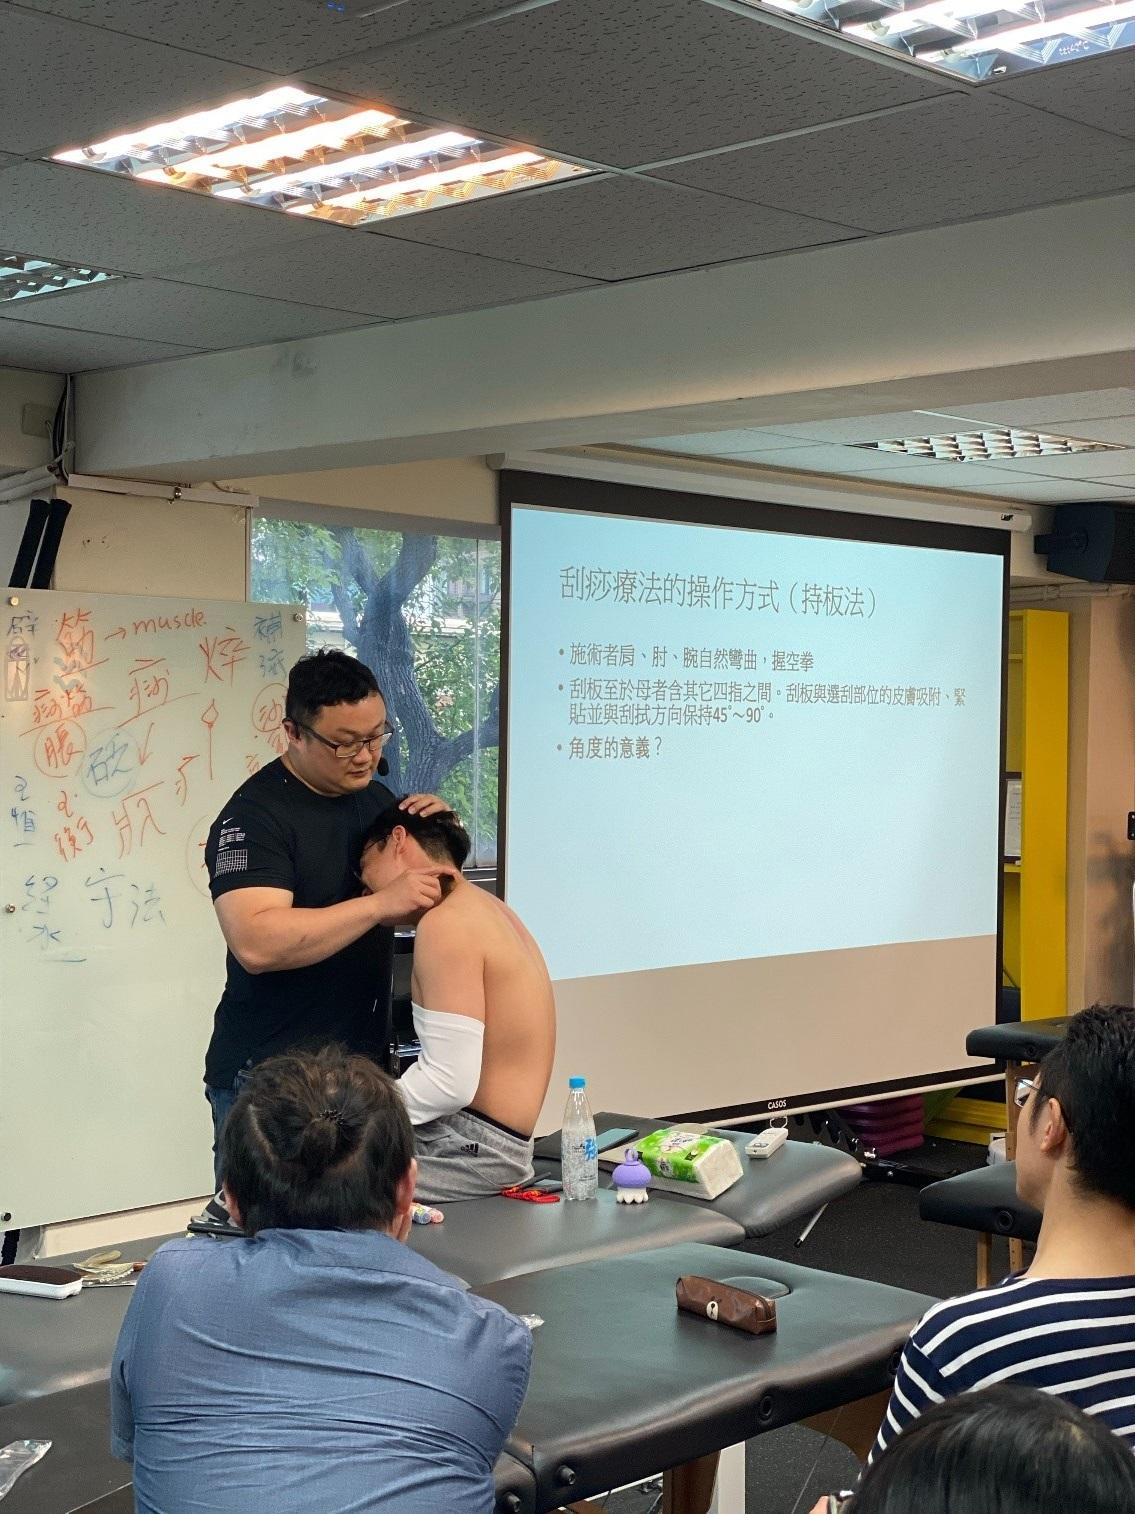 黃敬軒主任應台灣動作專家協會邀請為專家們做內訓,主題:現代中醫刮痧的操作原理及注意事項